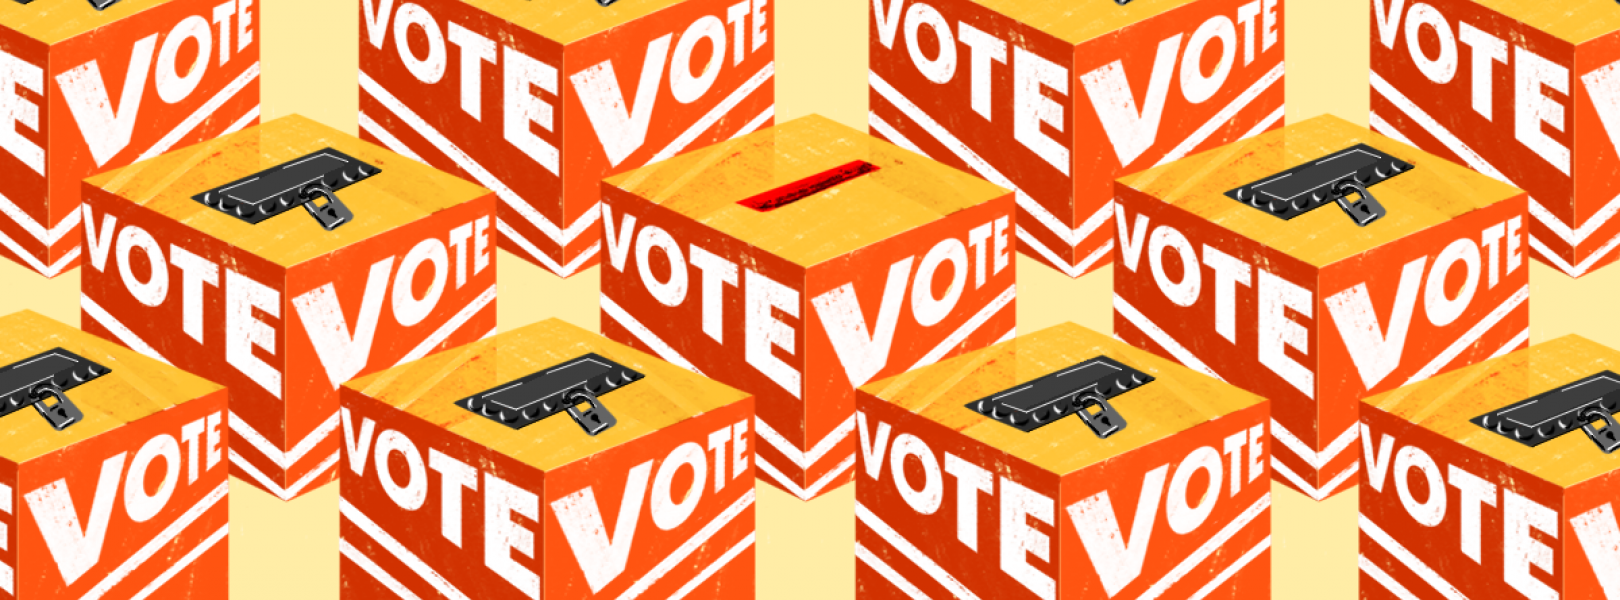 voting-disenfranchisement.png